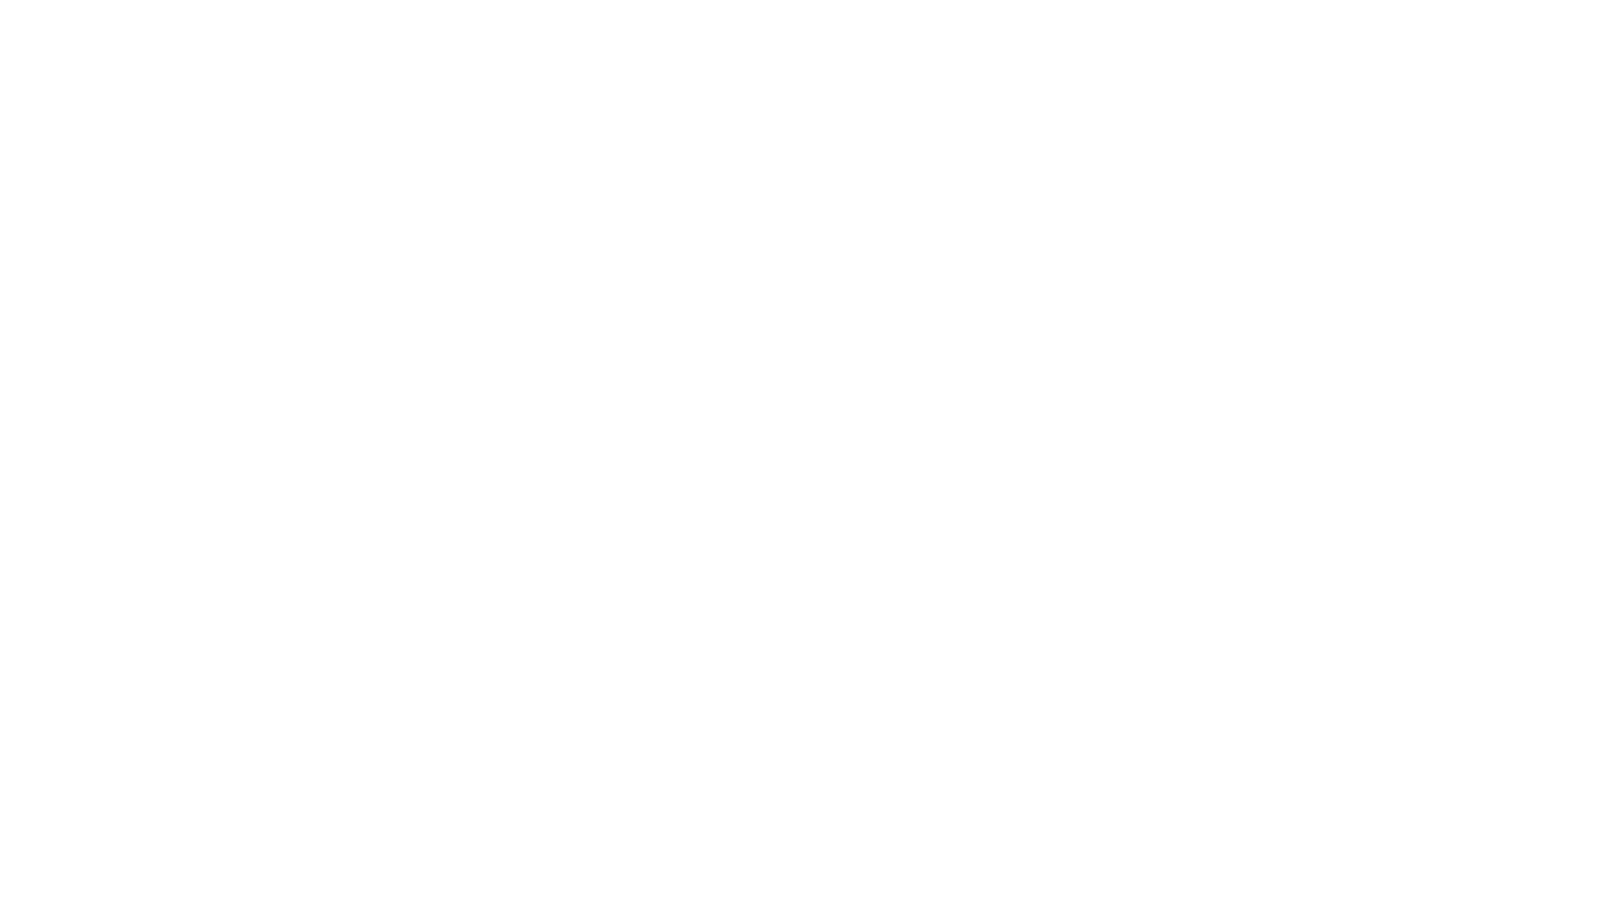 ਕੈਪਟਨ ਦੇ ਨਵੇਂ ਸਿਆਸੀ ਪੇਤੜੇ, ਪੁੱਤ ਨੇ ਕੀਟਾ ਮਾਂ ਦਾ ਕਿਓਂ ਕਤਲ